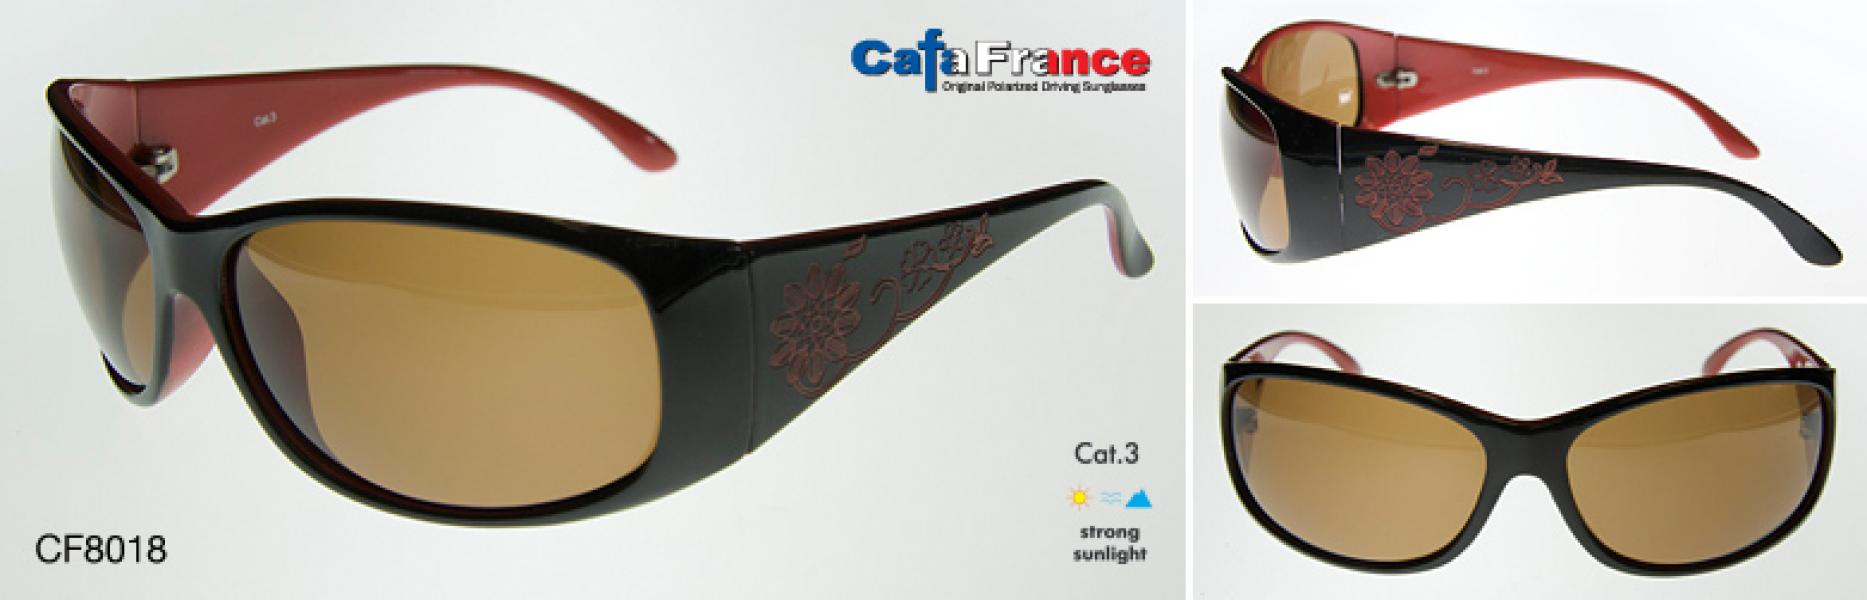 Очки поляризационные Cafa France Женские CF8018